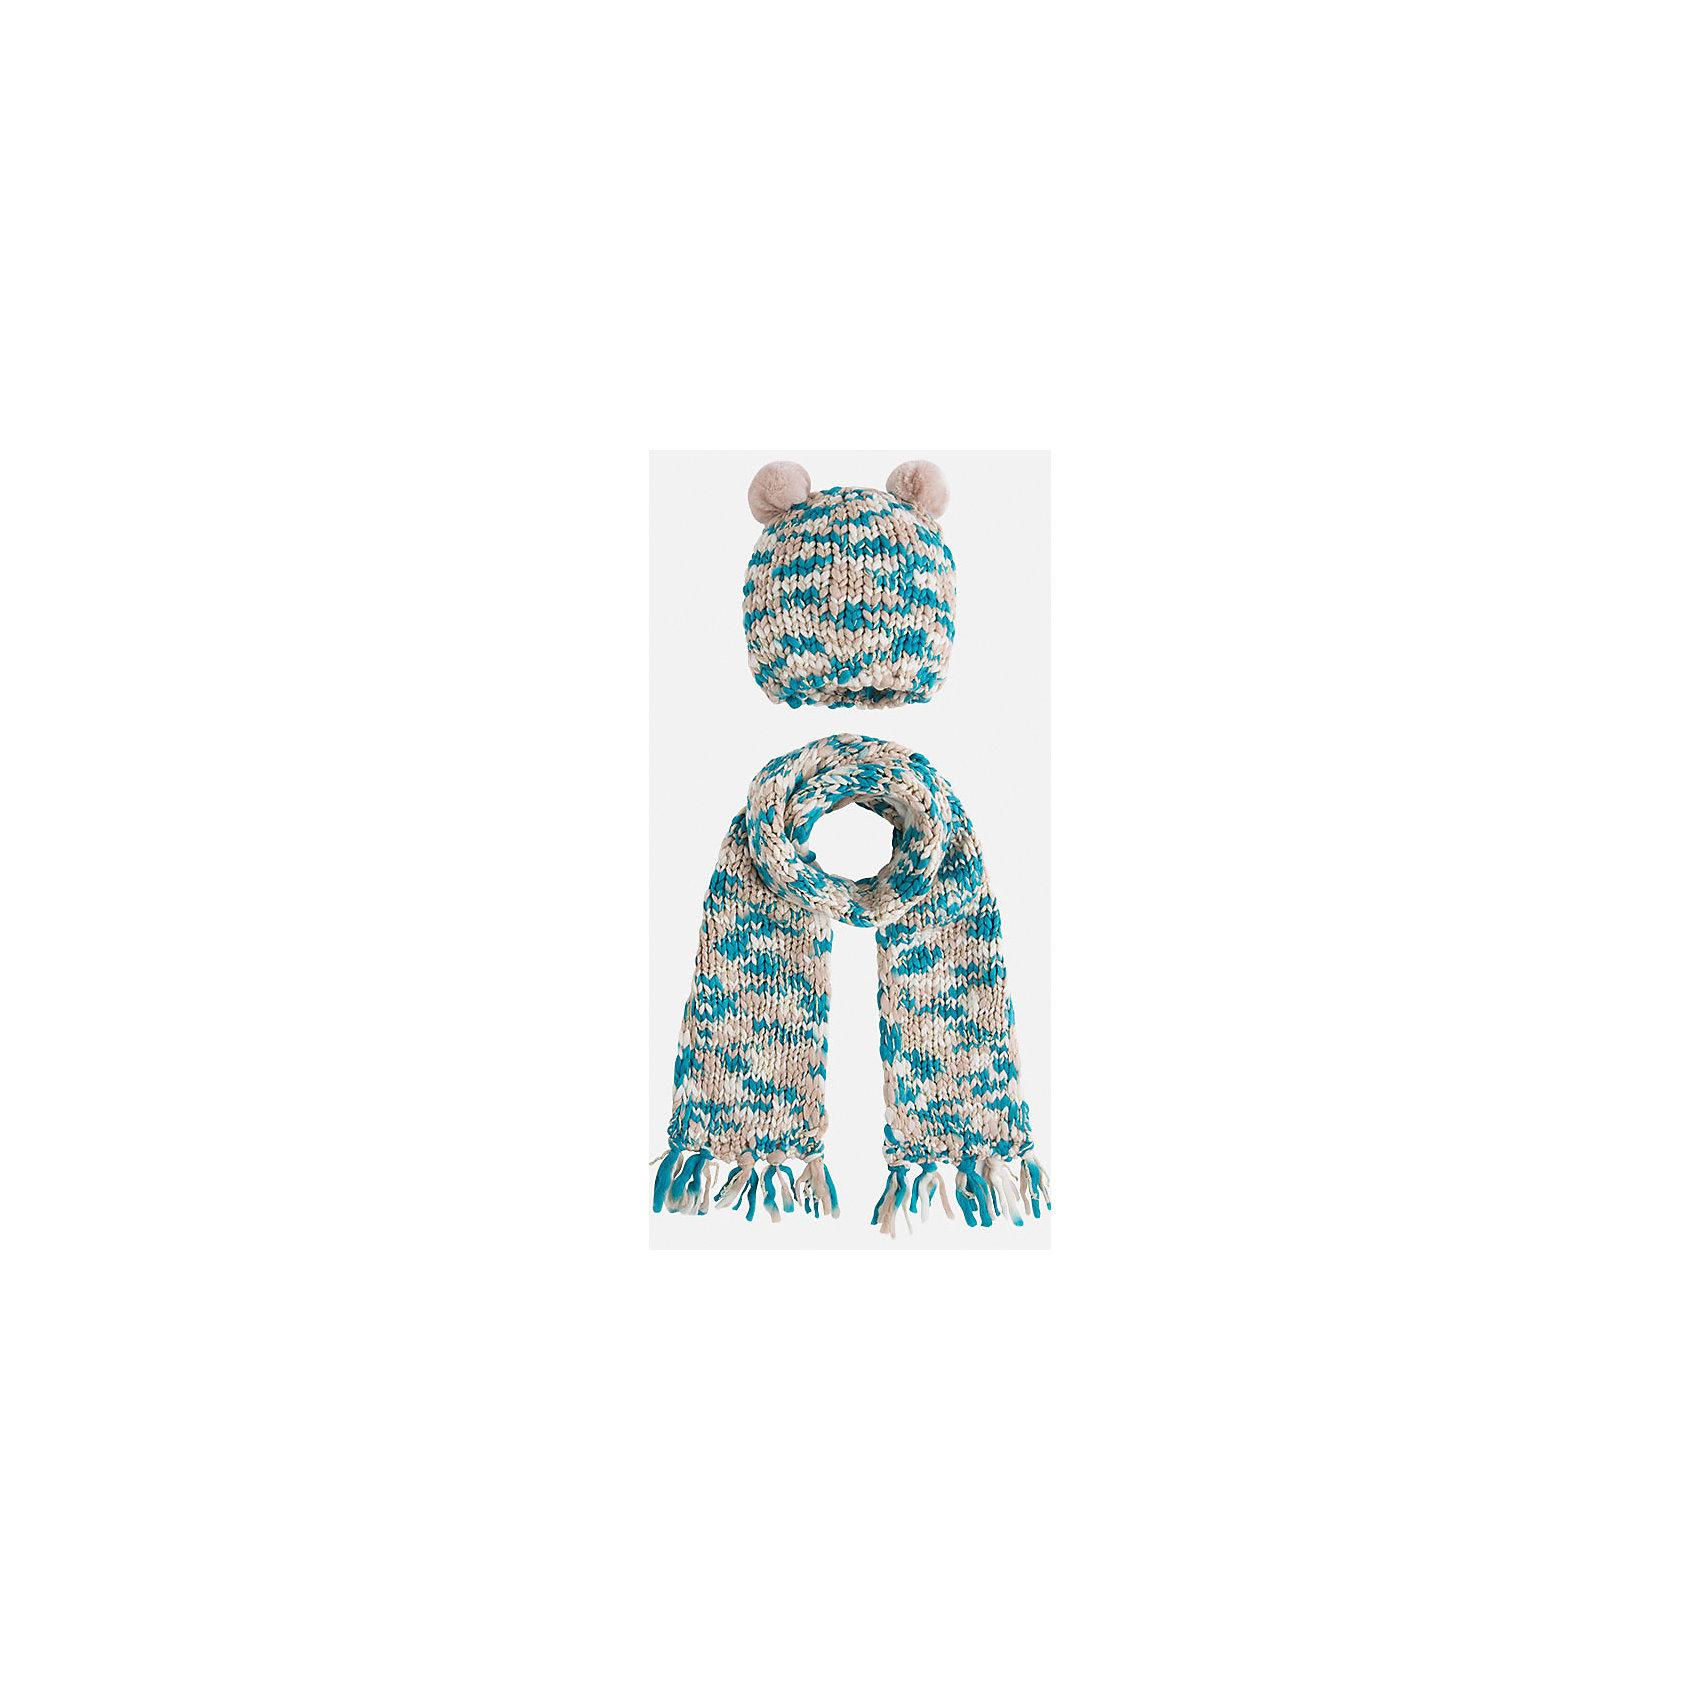 Комплект:шапка и шарф для девочки MayoralДемисезонные<br>Комплект: шапка и шарф для девочки Mayoral от известного испанского бренда Mayoral. Вязаный комплект выполнен из акриловой пряжи с добавлением люрексовой нити золотистого цвета. Комплект состоит из шапки и шарфа, связанных крупной вязкой. Шапка имеет классическую форму, сверху по бокам имеются небольшие помпоны из бежевой пряжи, по краям шарфа – кисти, выполненные из пряжи. <br><br>Дополнительная информация:<br><br>- Предназначение: повседневная одежда<br>- Комплектация: шапка, шарф<br>- Цвет: бежевый, белый, бирюзовый<br>- Пол: для девочки<br>- Состав: 90% акрил, 10% металлизированная нить<br>- Сезон: осень-зима-весна<br>- Особенности ухода: стирка при температуре 30 градусов, разрешается химическая чистка, глажение <br><br>Подробнее:<br><br>• Для детей в возрасте: от 2 лет и до 9 лет<br>• Страна производитель: Китай<br>• Торговый бренд: Mayoral<br><br>Комплект: шапка и шарф для девочки Mayoral (Майорал) можно купить в нашем интернет-магазине.<br><br>Ширина мм: 89<br>Глубина мм: 117<br>Высота мм: 44<br>Вес г: 155<br>Цвет: серый<br>Возраст от месяцев: 48<br>Возраст до месяцев: 72<br>Пол: Женский<br>Возраст: Детский<br>Размер: 52-54,48-50,54-56<br>SKU: 4847786